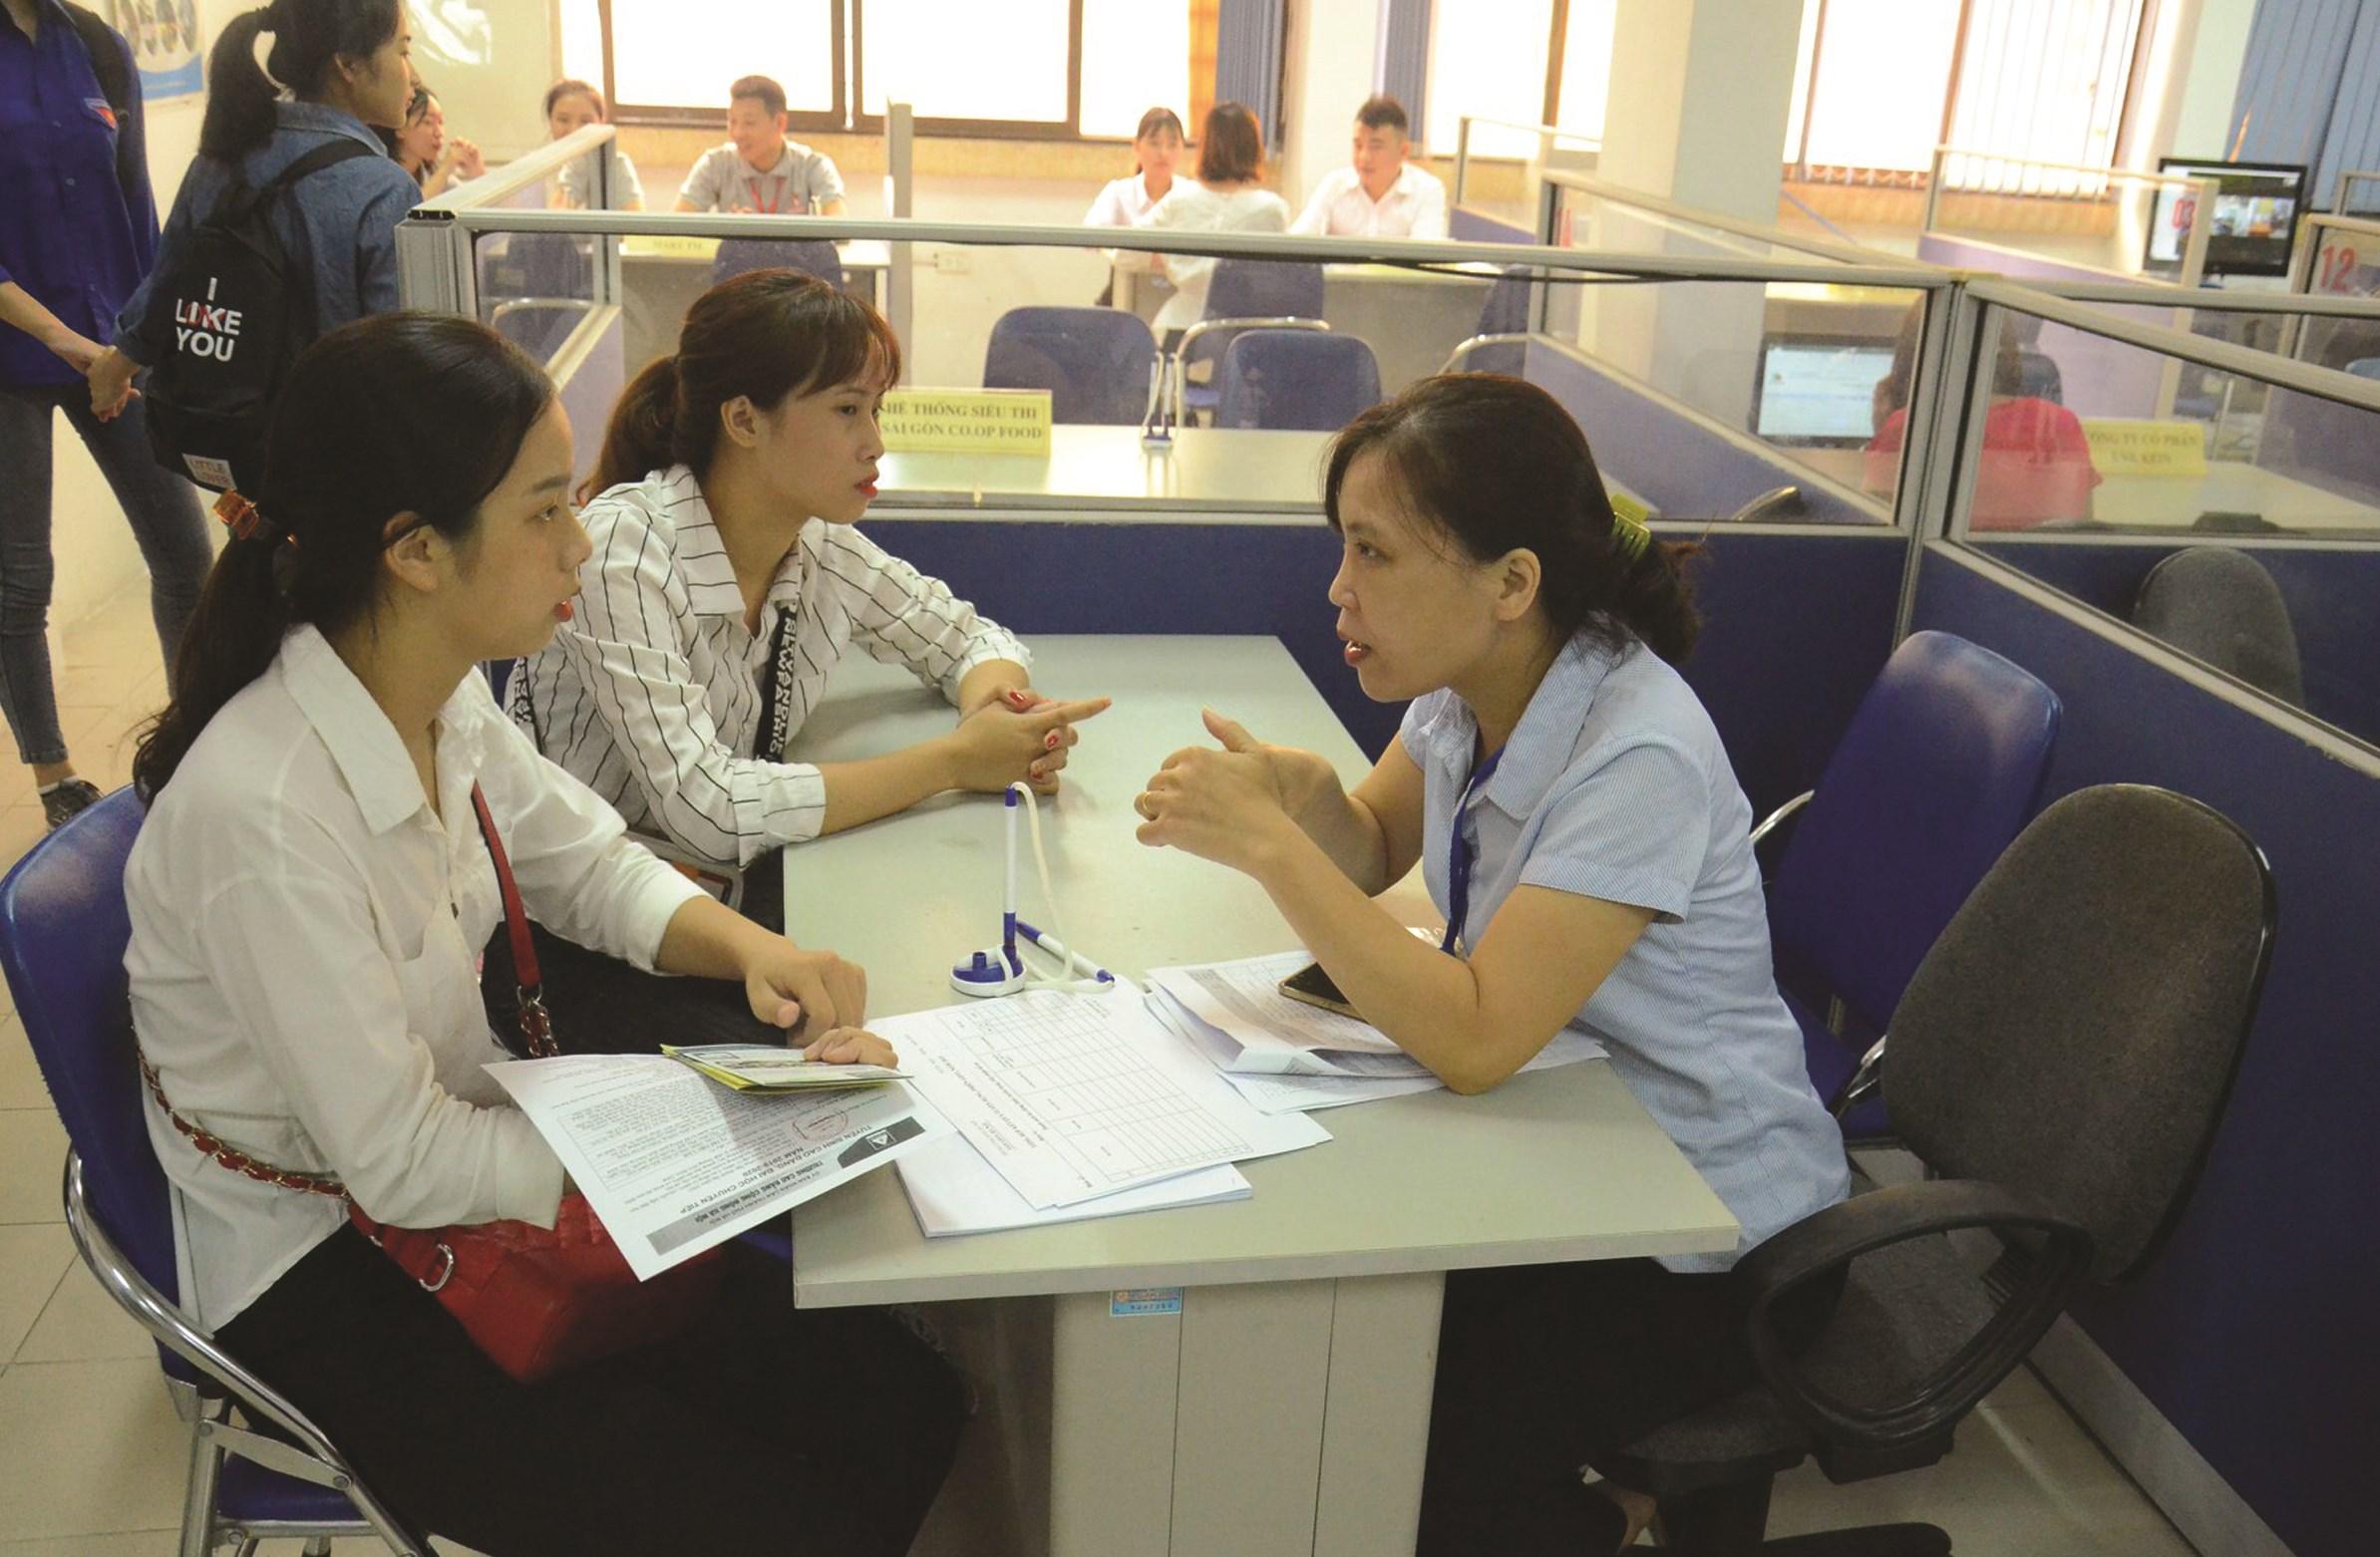 Hà Nội có hơn 12.000 người nộp hồ sơ đề nghị giải quyết chế độ trợ cấp thất nghiệp. (Ảnh tư liệu)